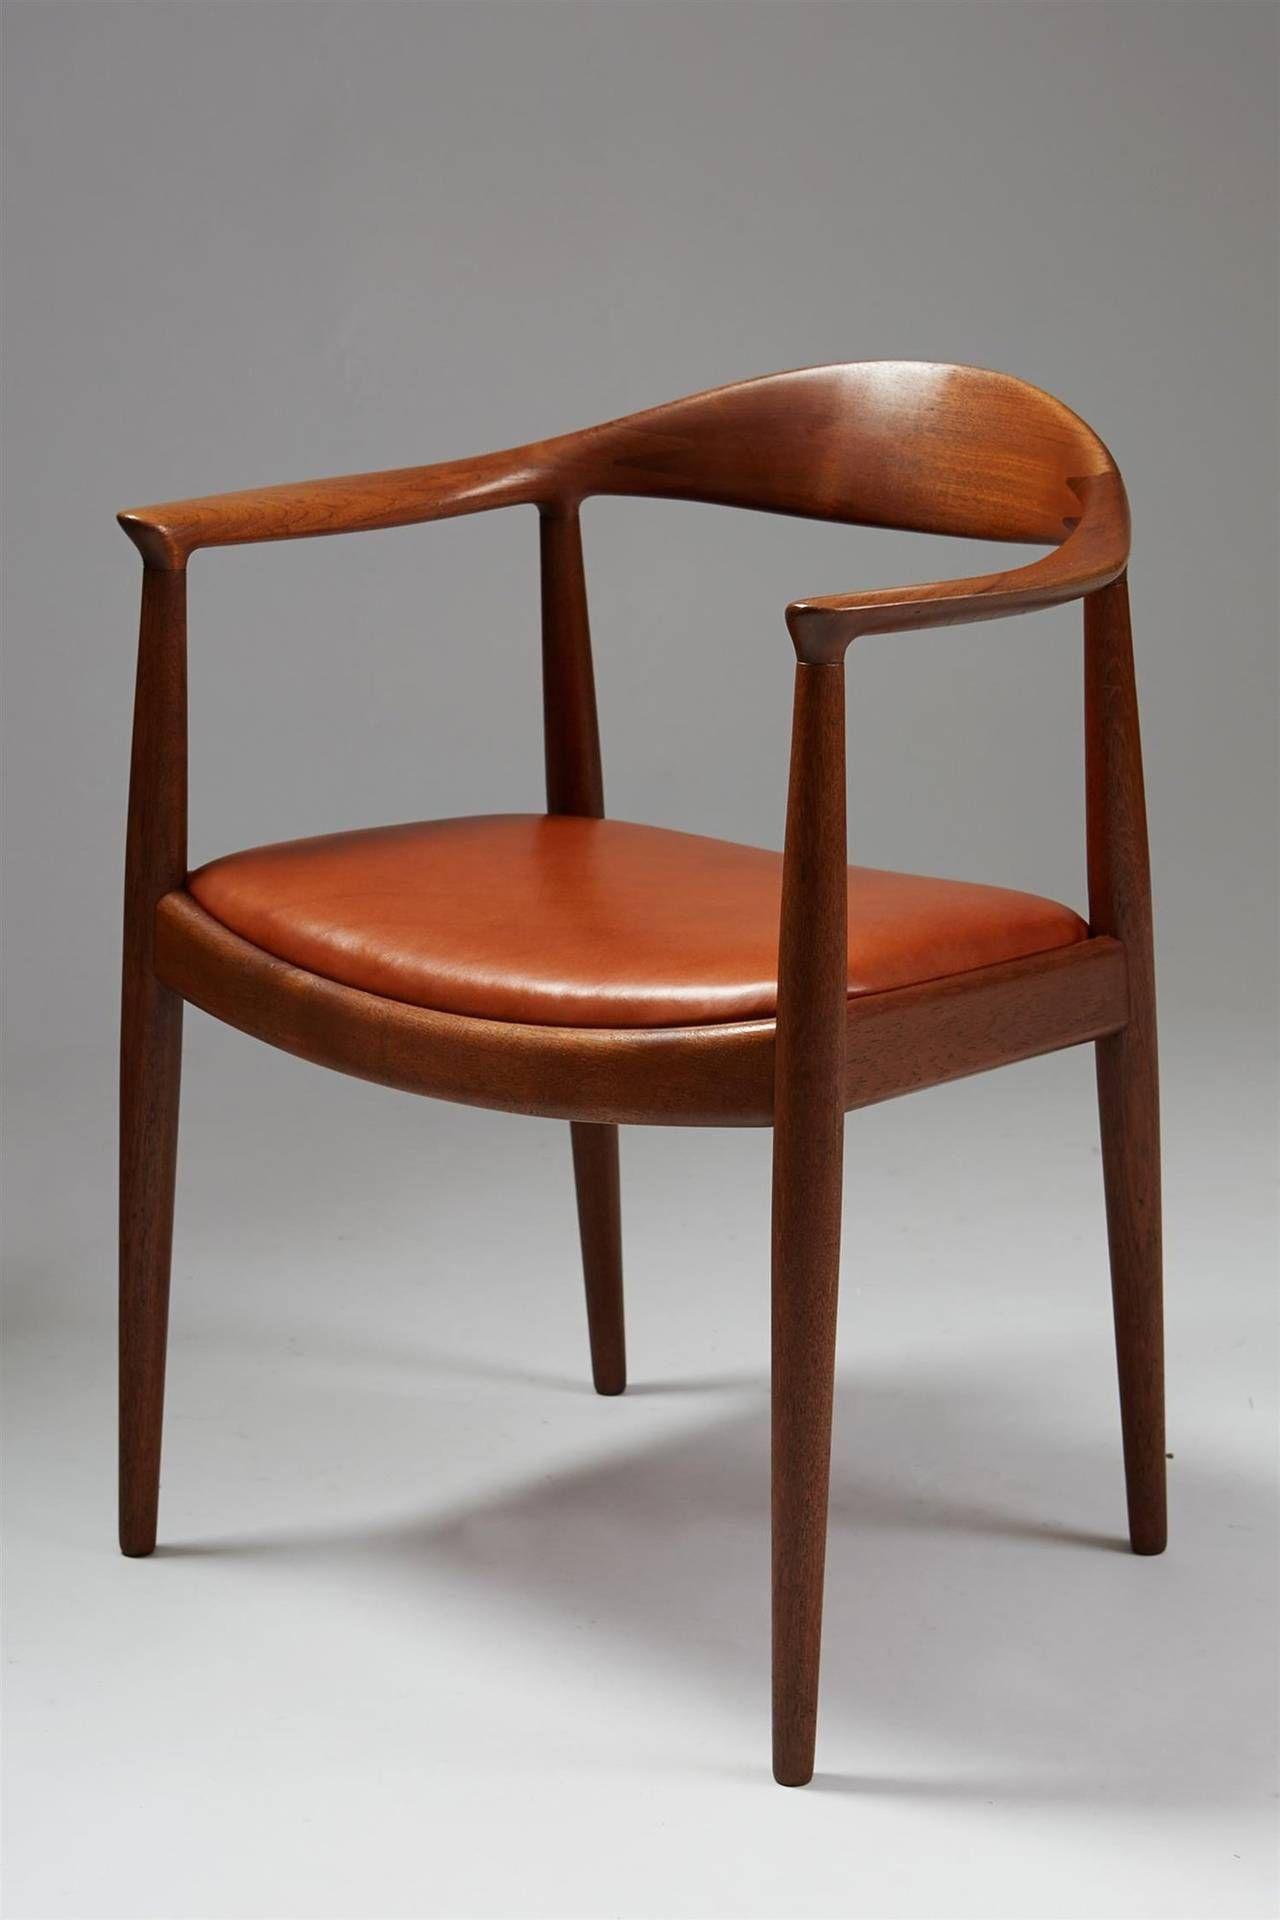 The Chair Designed By Hans Wegner For Johannes Hansen Denmark